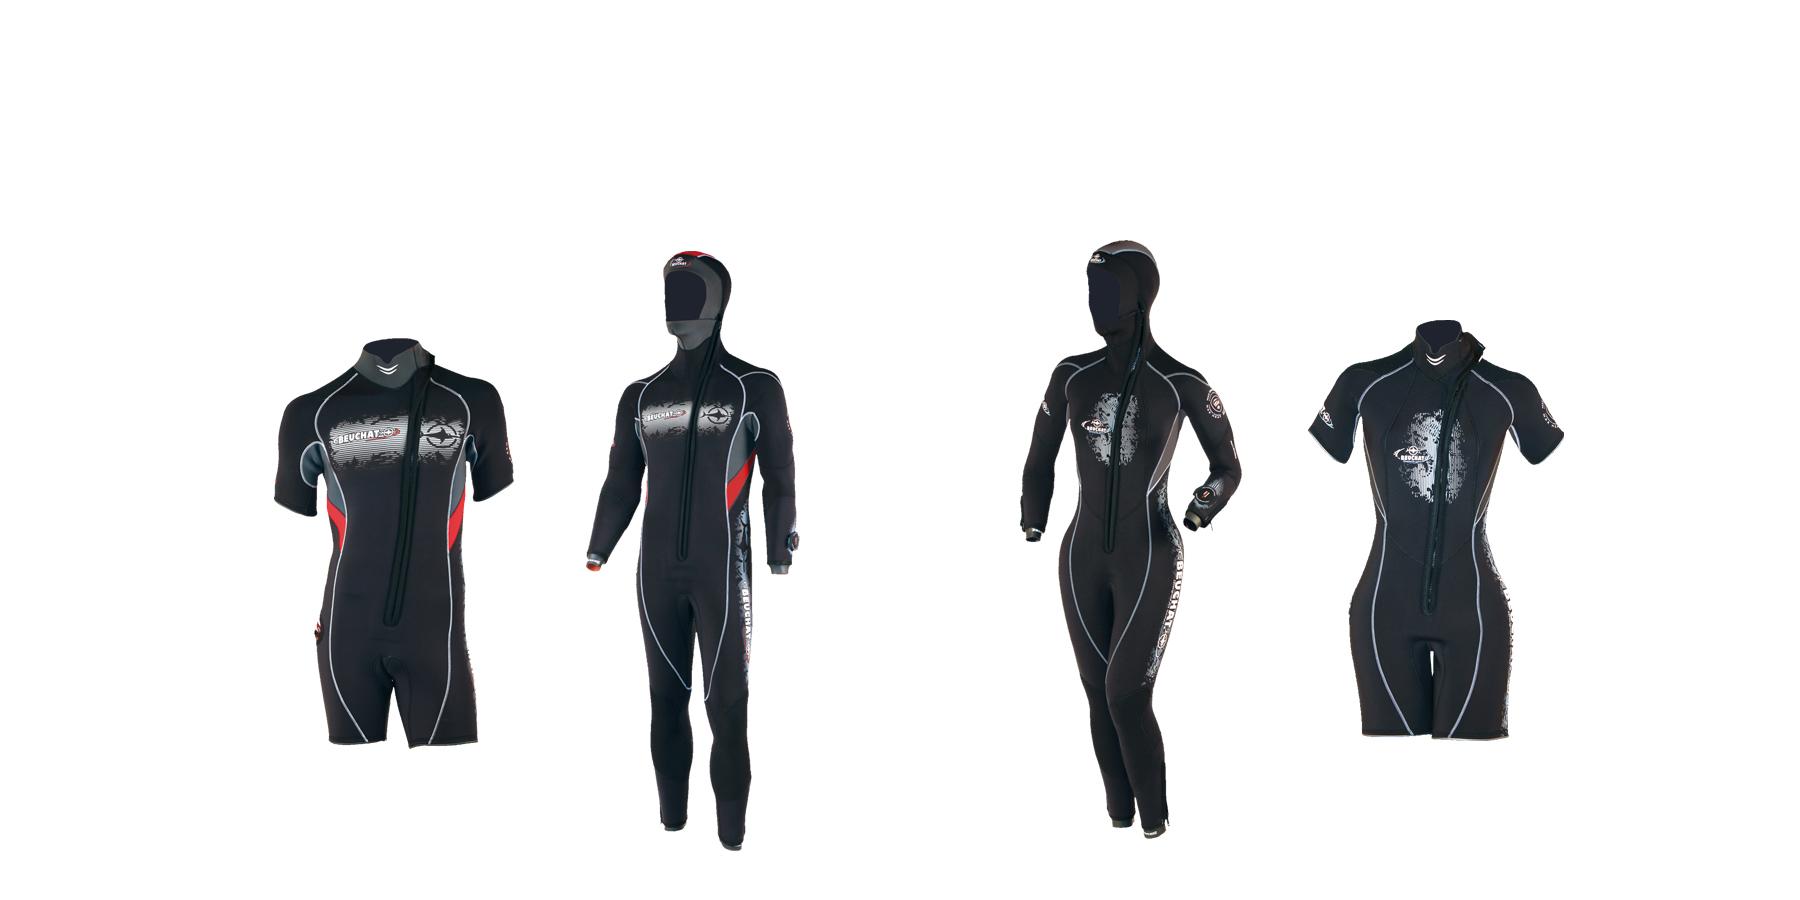 focea comfort 4 gabarit photos couv 1800x900 - Un vêtement humide idéal pour les eaux froides et tempérées